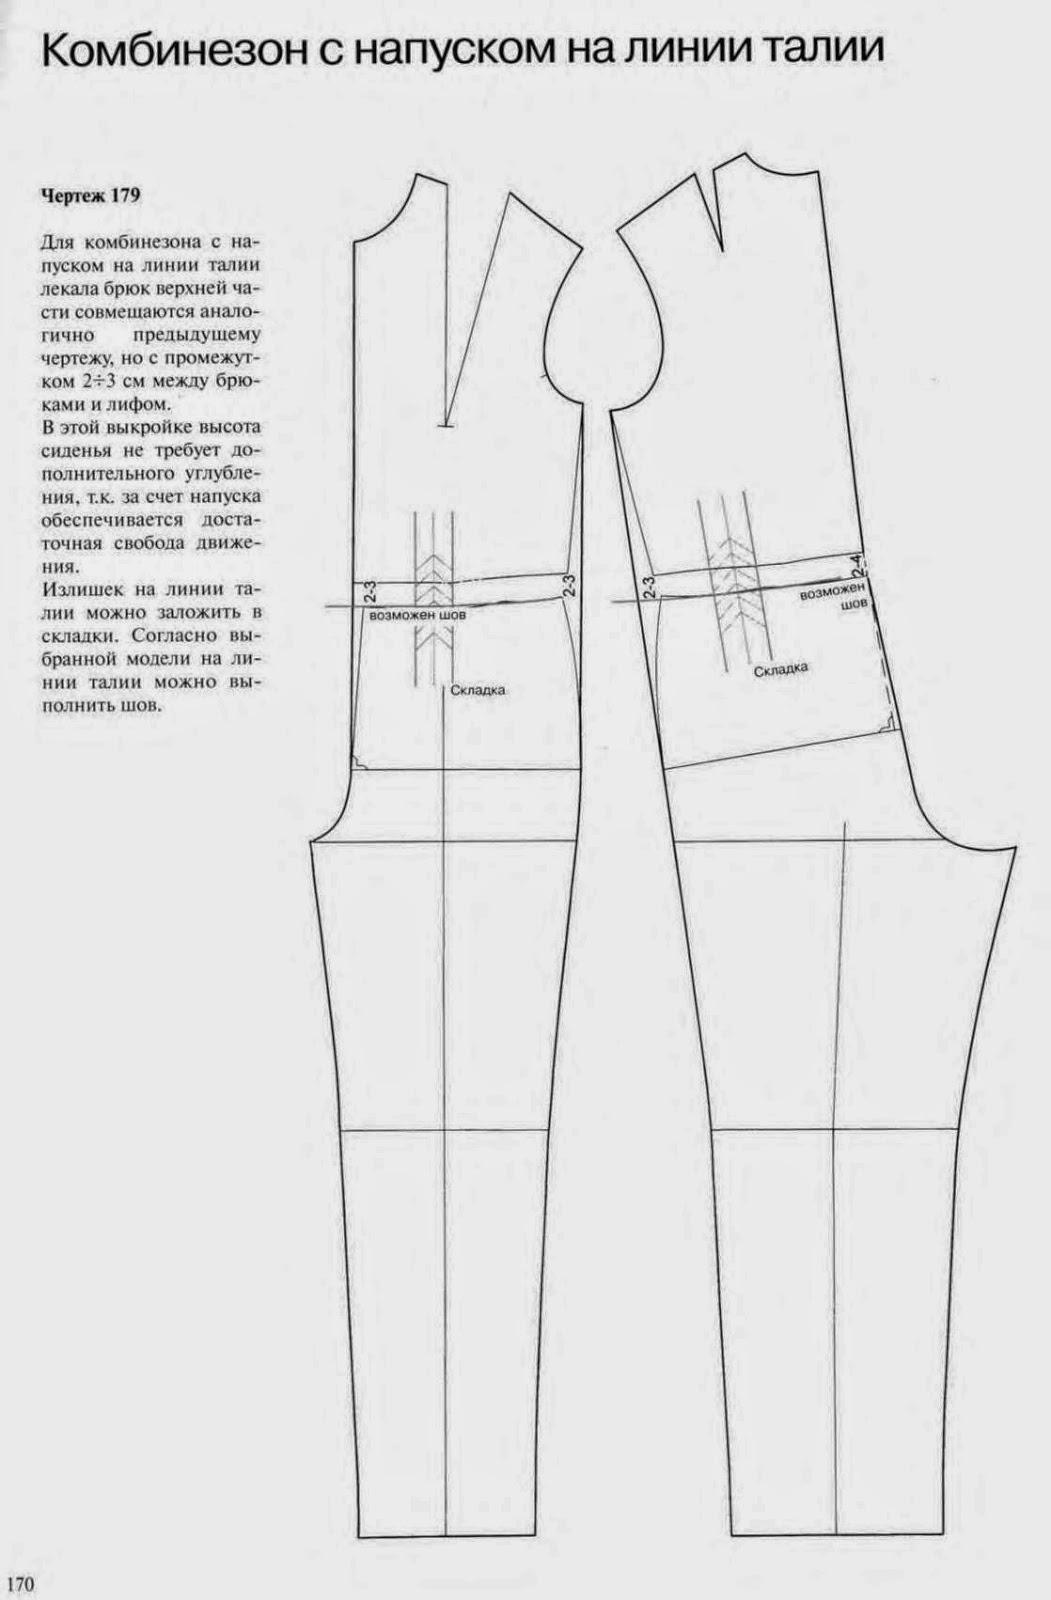 Построение самых разных комбинезонов на любой вкус женские хобби,комбинезон,рукоделие,своими руками,шитье